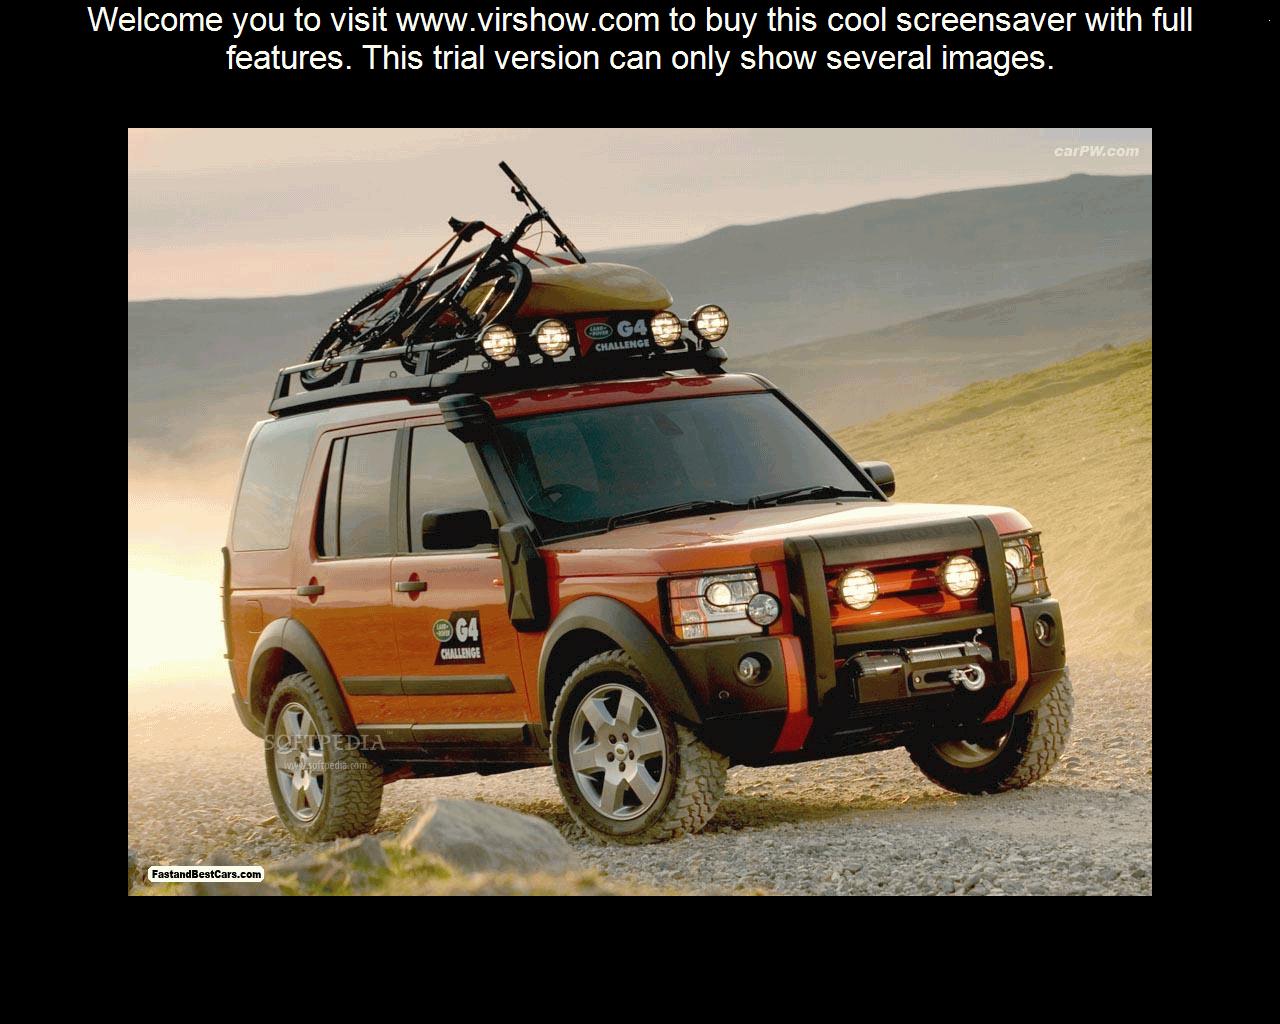 Car Show Screensaver Download   Softpedia 1280x1024